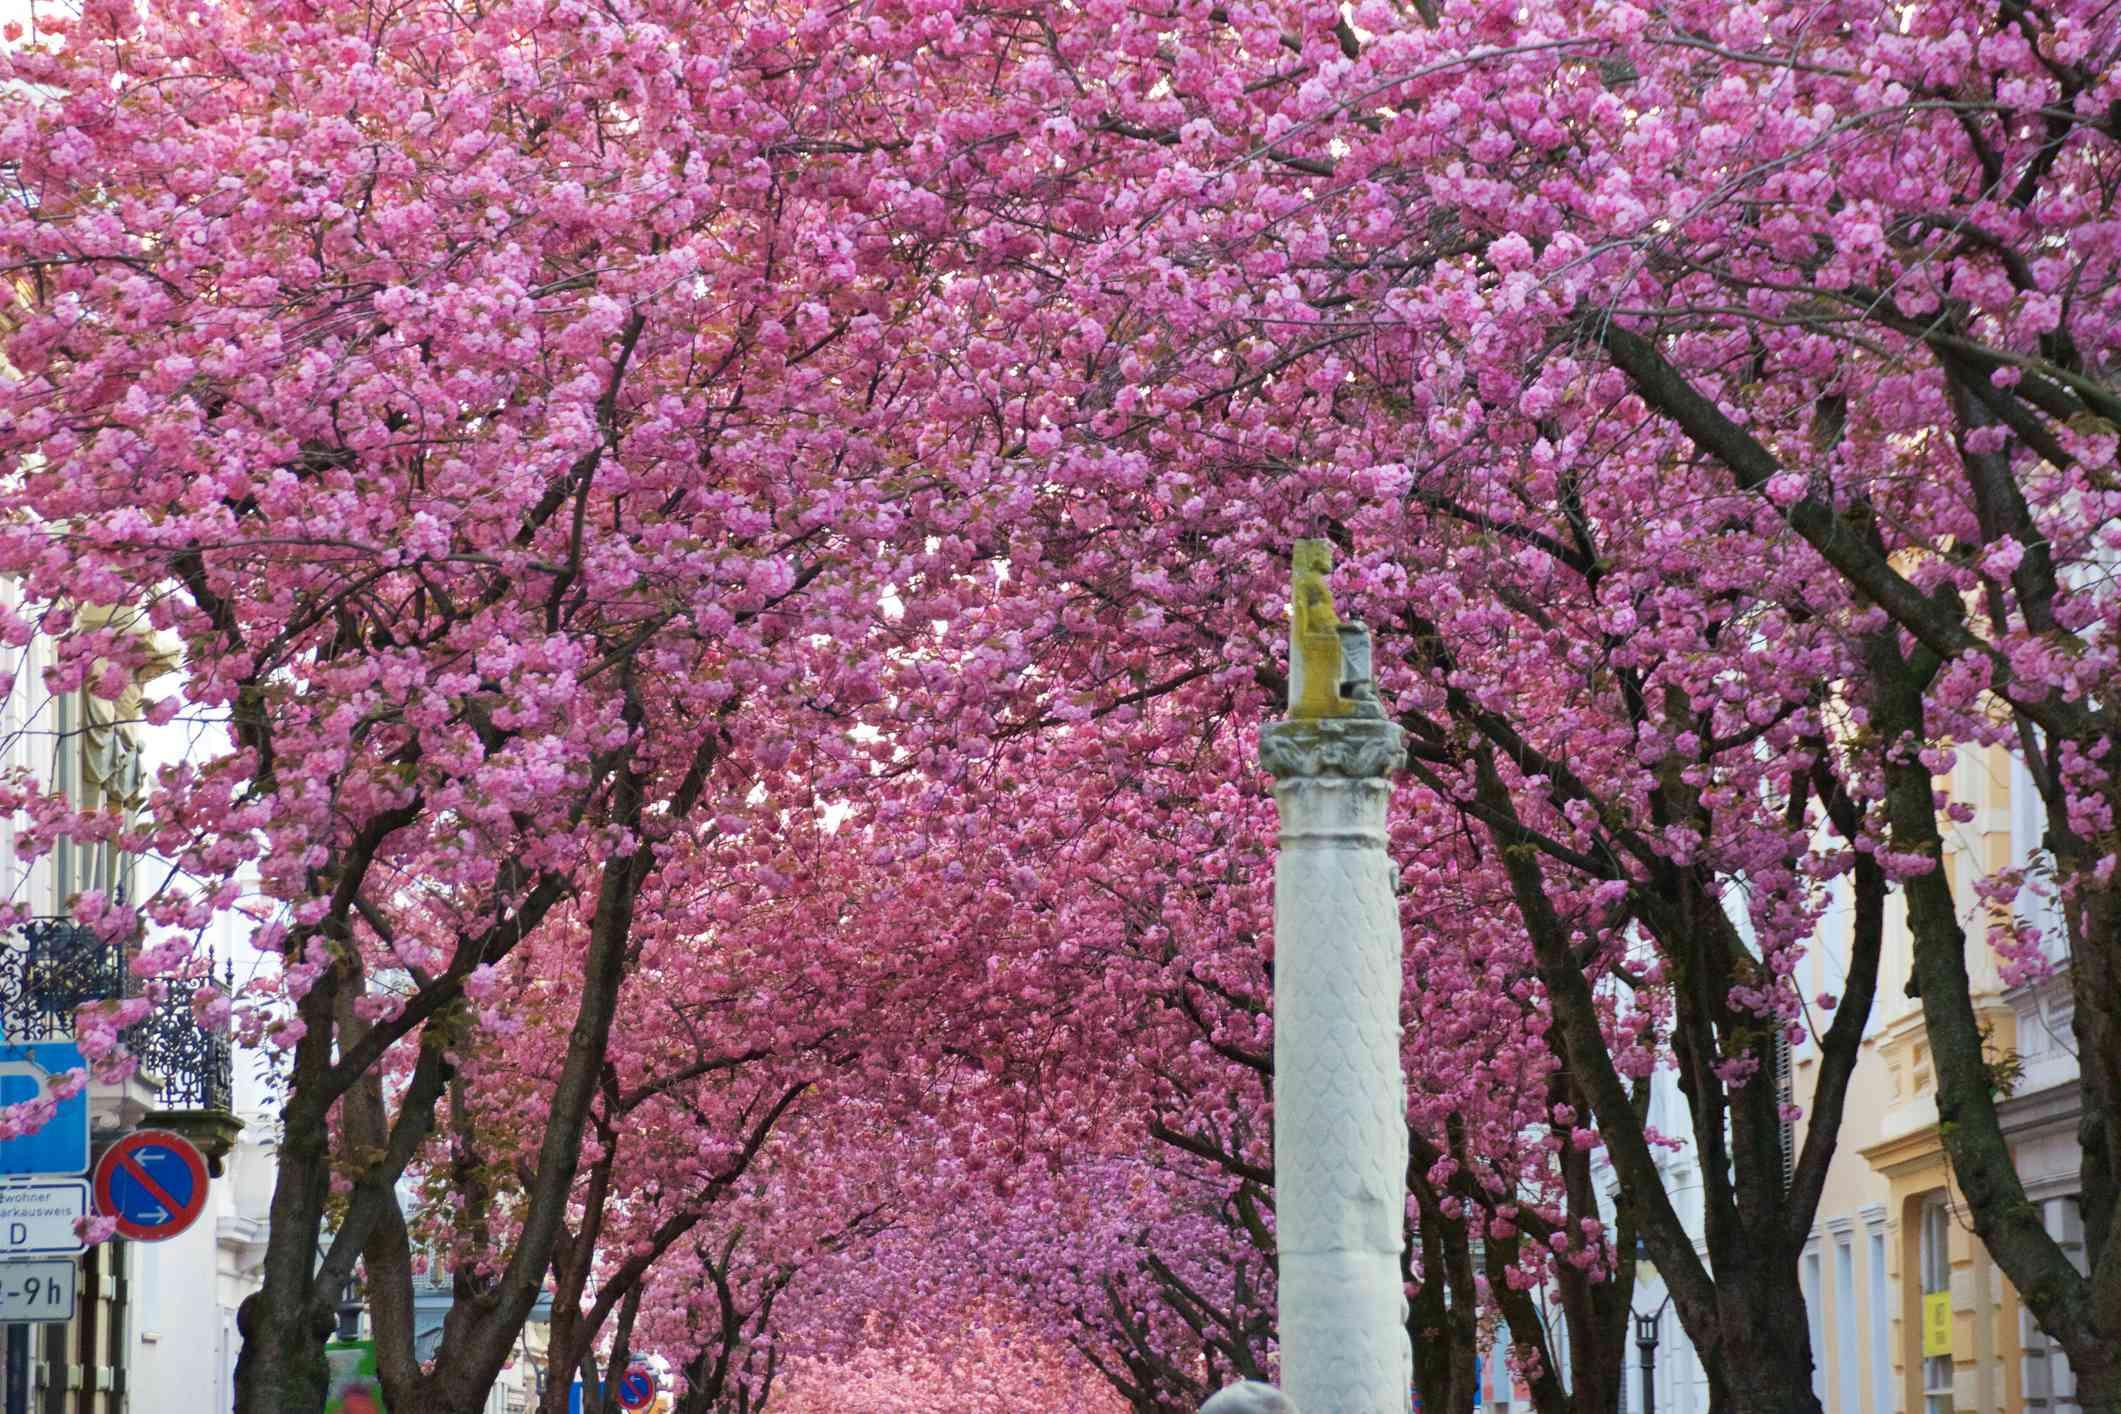 Cherryblossom in Bonn